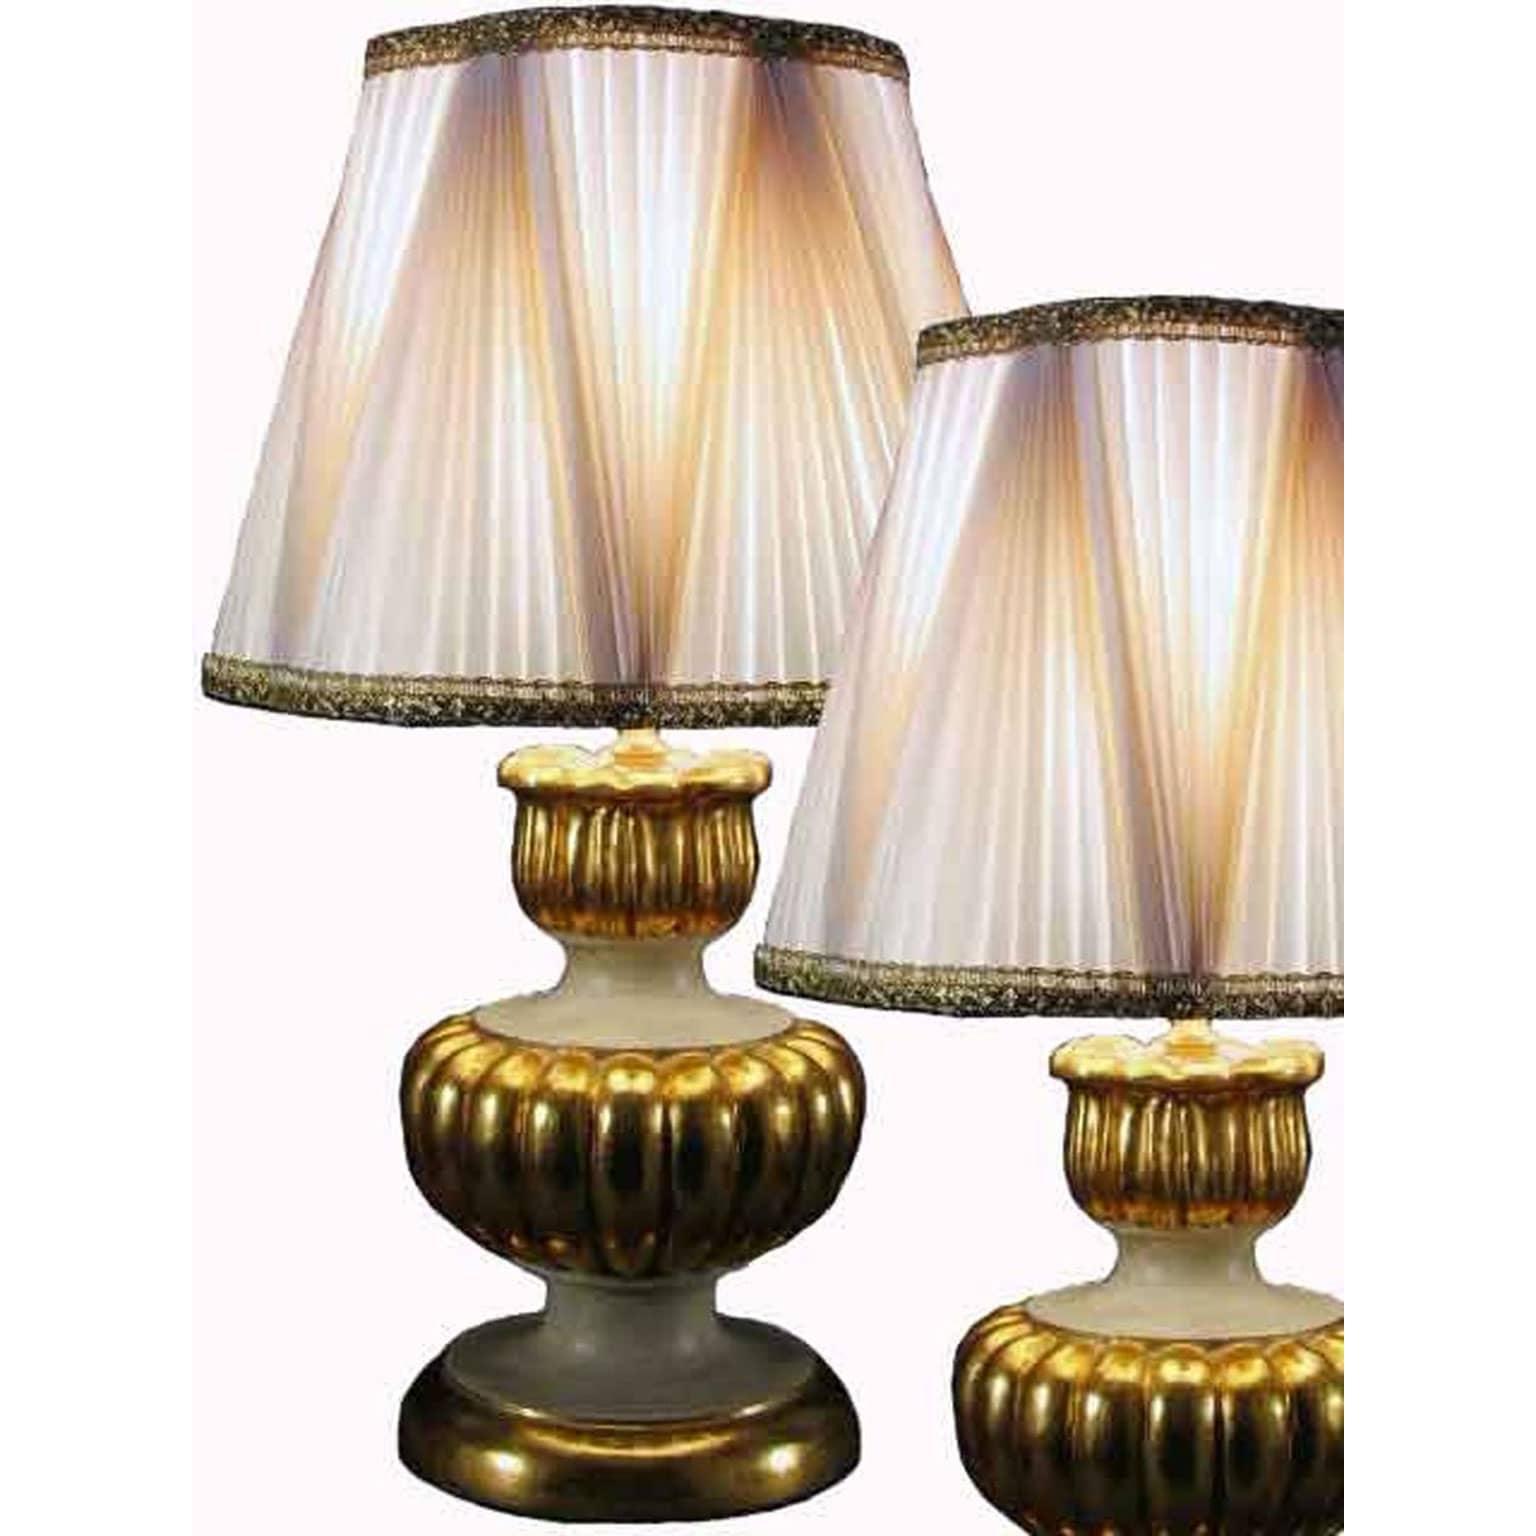 Coppia lampade dorate da tavolo con paralumi plissettati in seta - Lampade da tavolo particolari ...